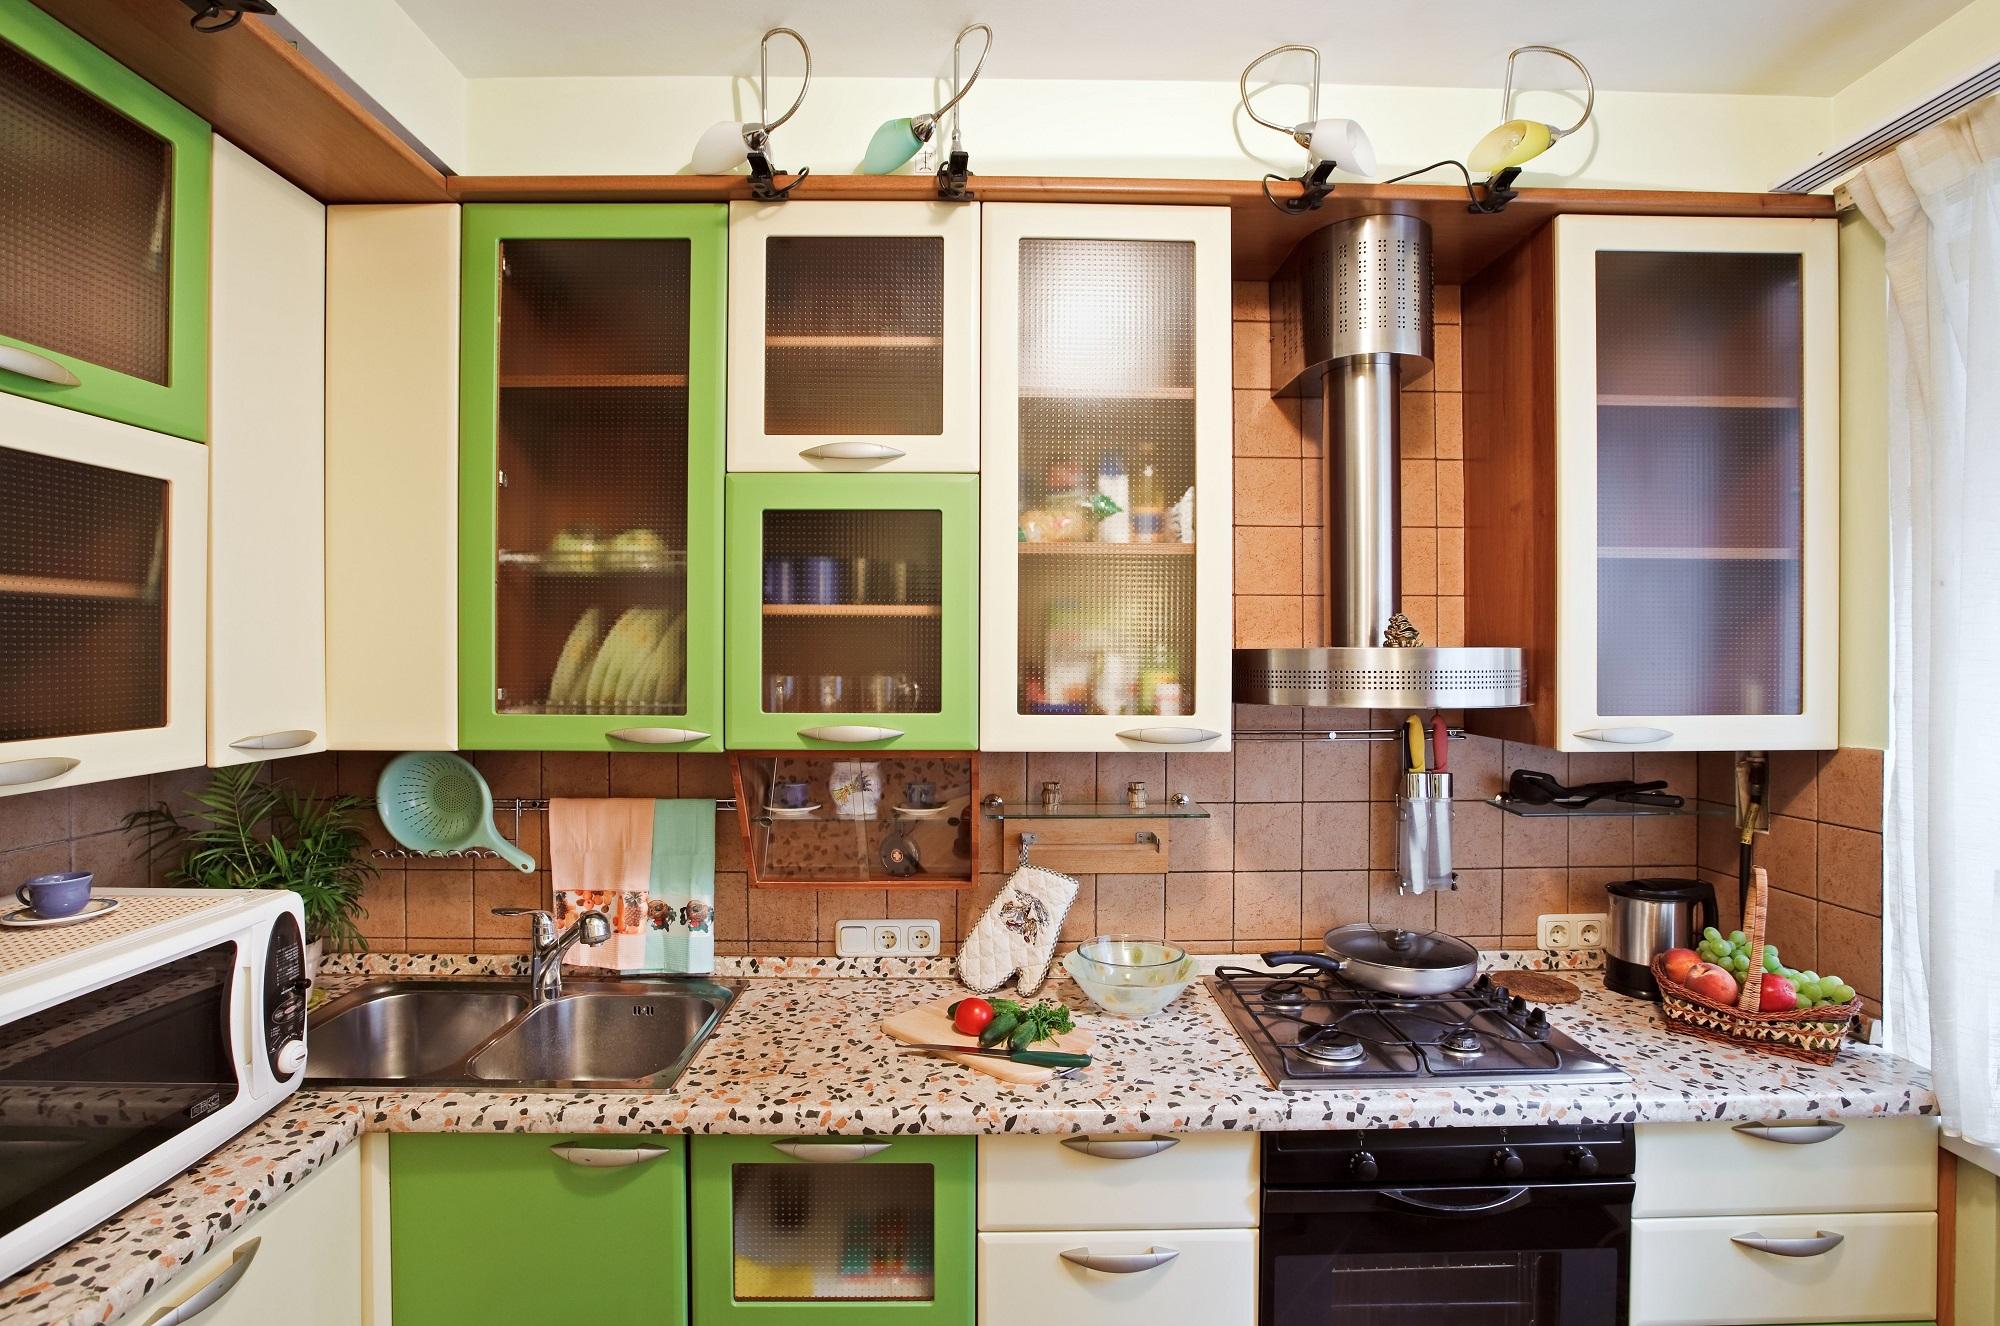 A konyhaszekrény üveges ajtója nagyon egyszerűen lefóliázható utólag is, így a vendégek számára nem látható hol milyen pohár, tányér, egyéb konyhai eszköz található.